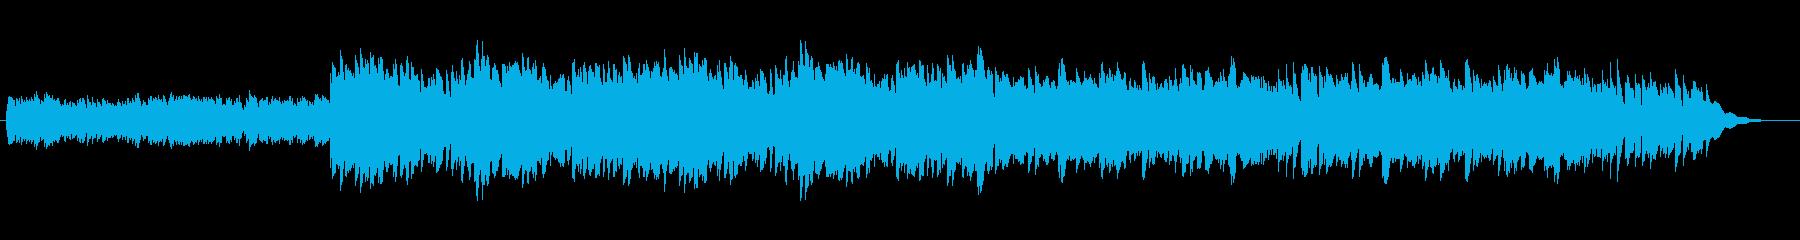 繊細で可憐なオルゴール風サウンドの再生済みの波形